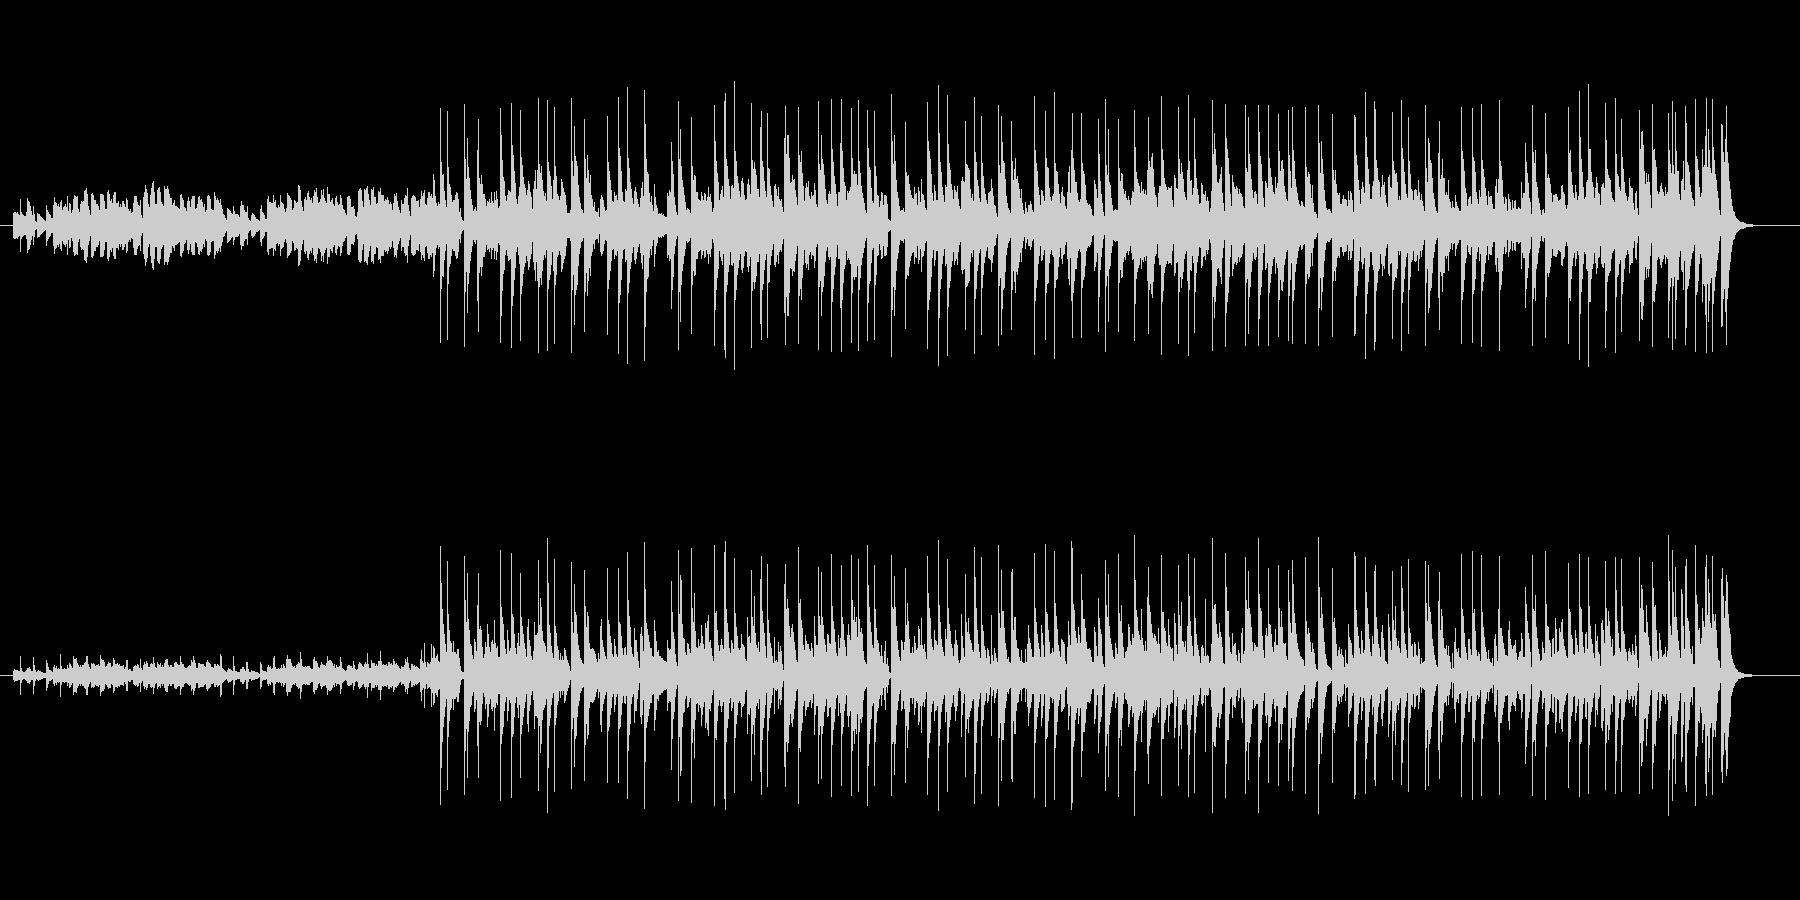 ピアノ伴奏のポップなインスト曲ですの未再生の波形